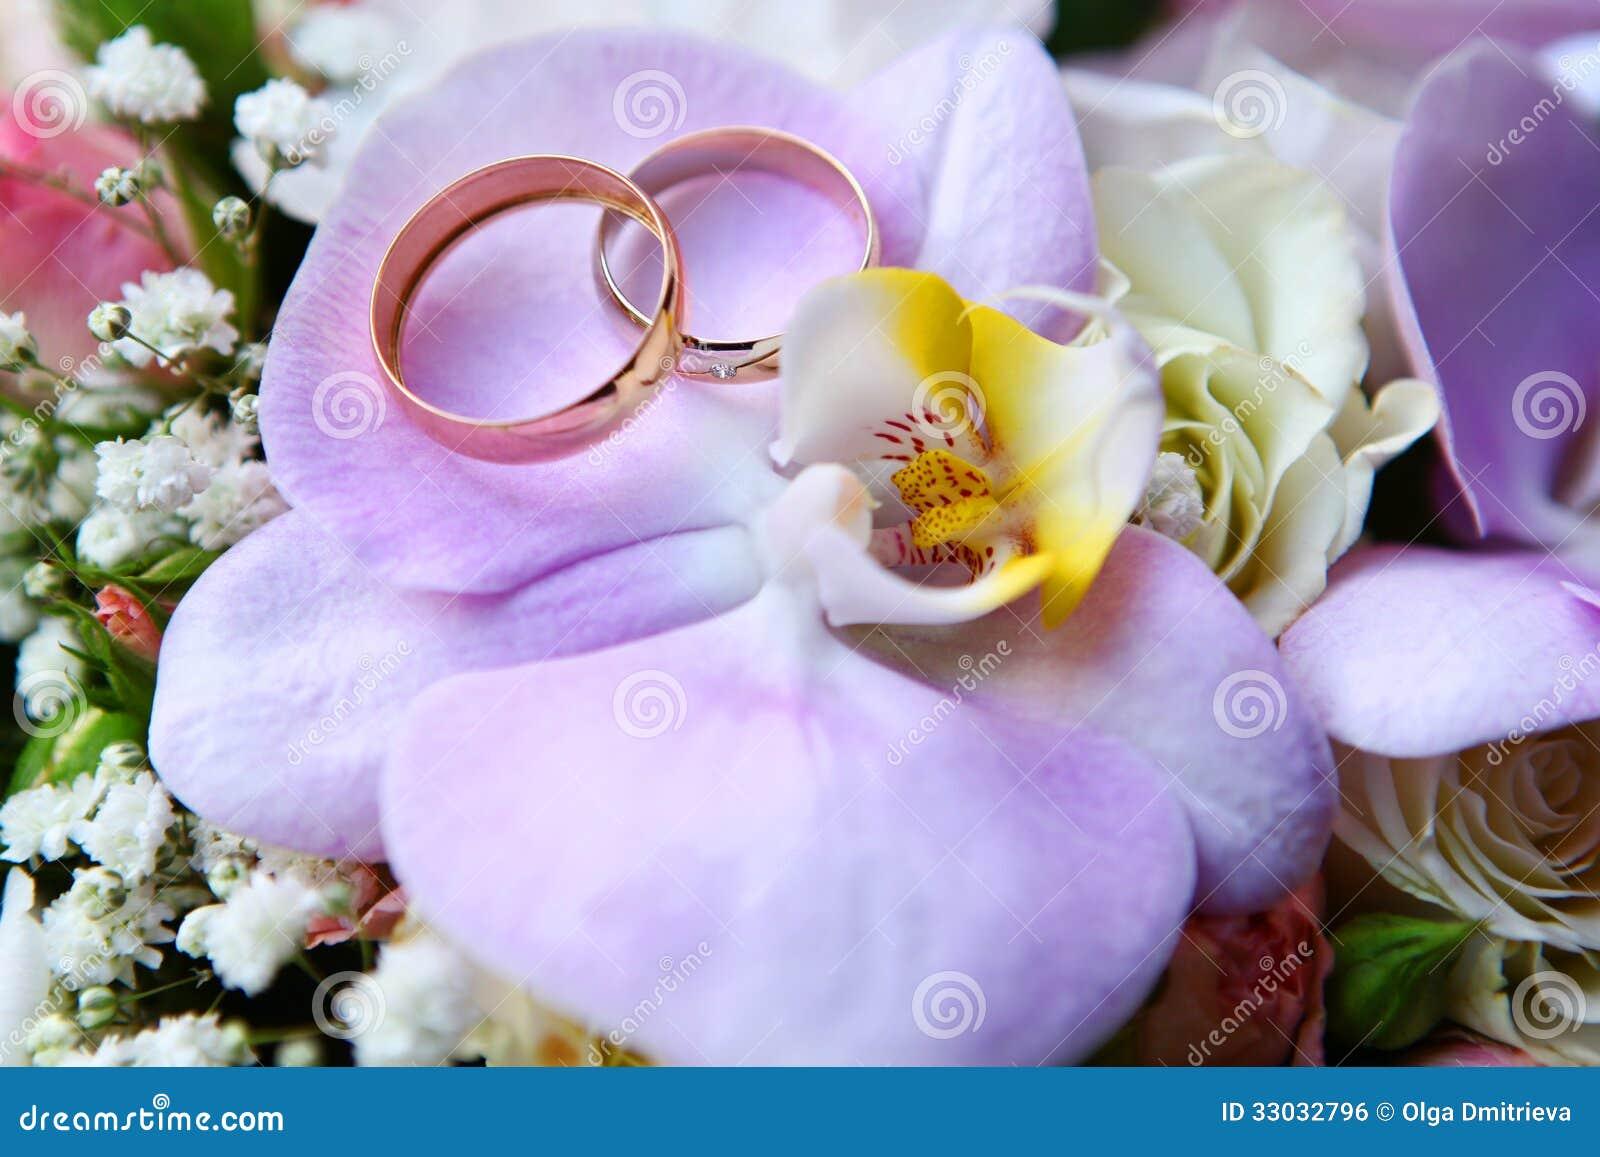 Anneaux De Mariage Sur Lorchidée Image libre de droits - Image ...